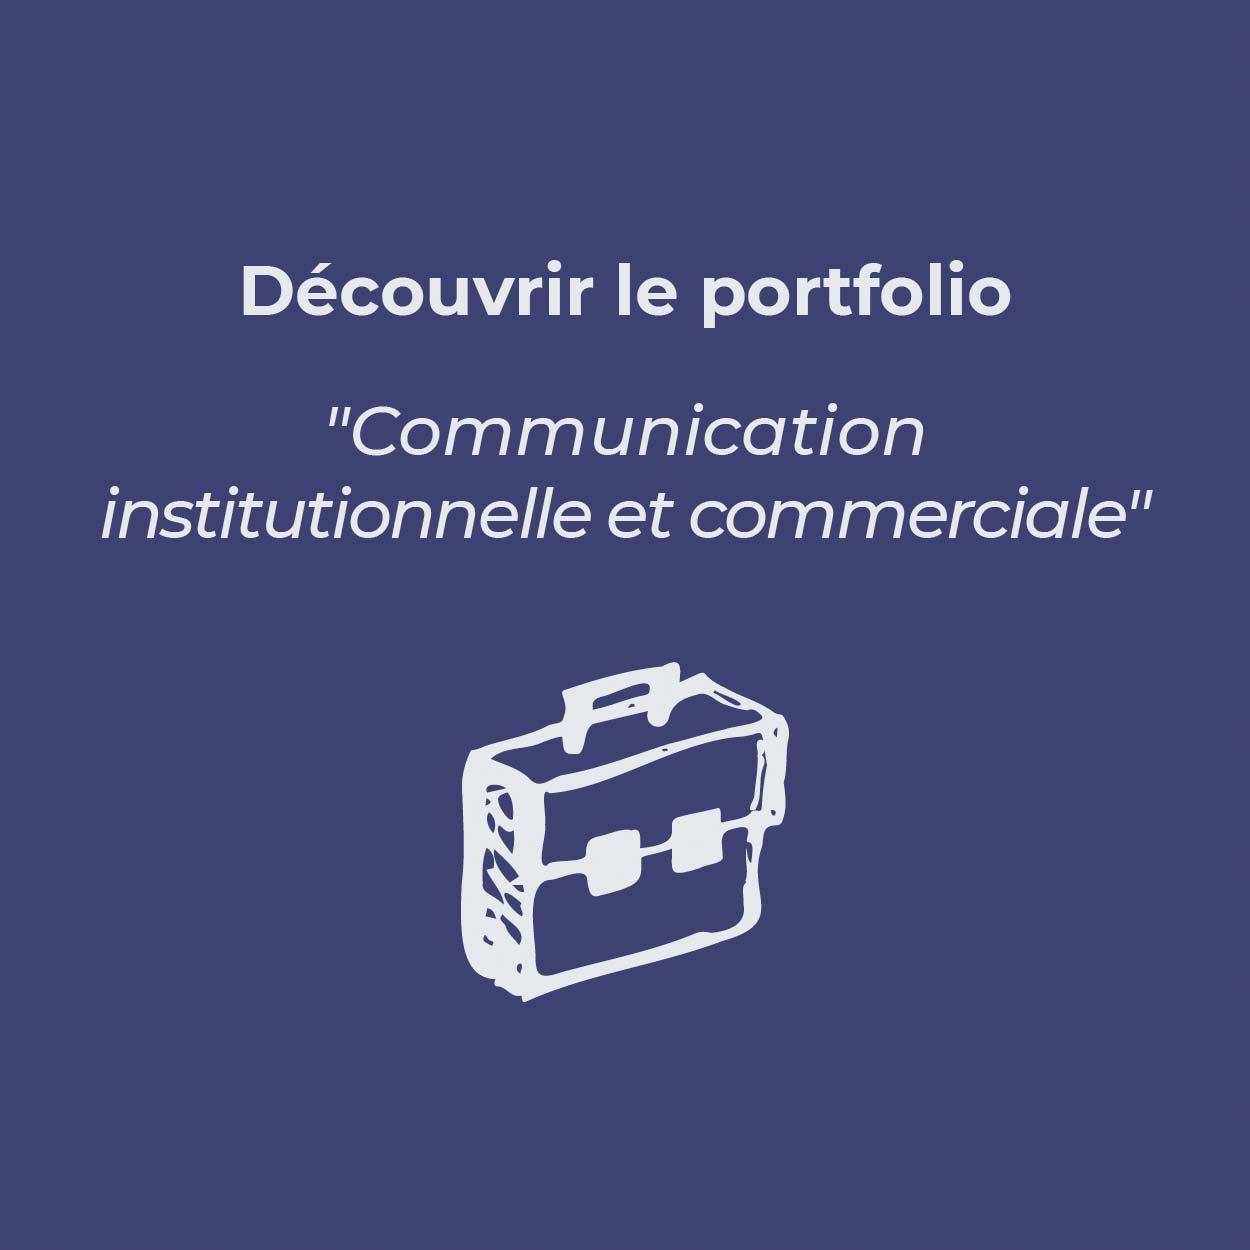 Bouton pour découvrir le portfolio «Communication institutionnelle et commerciale»